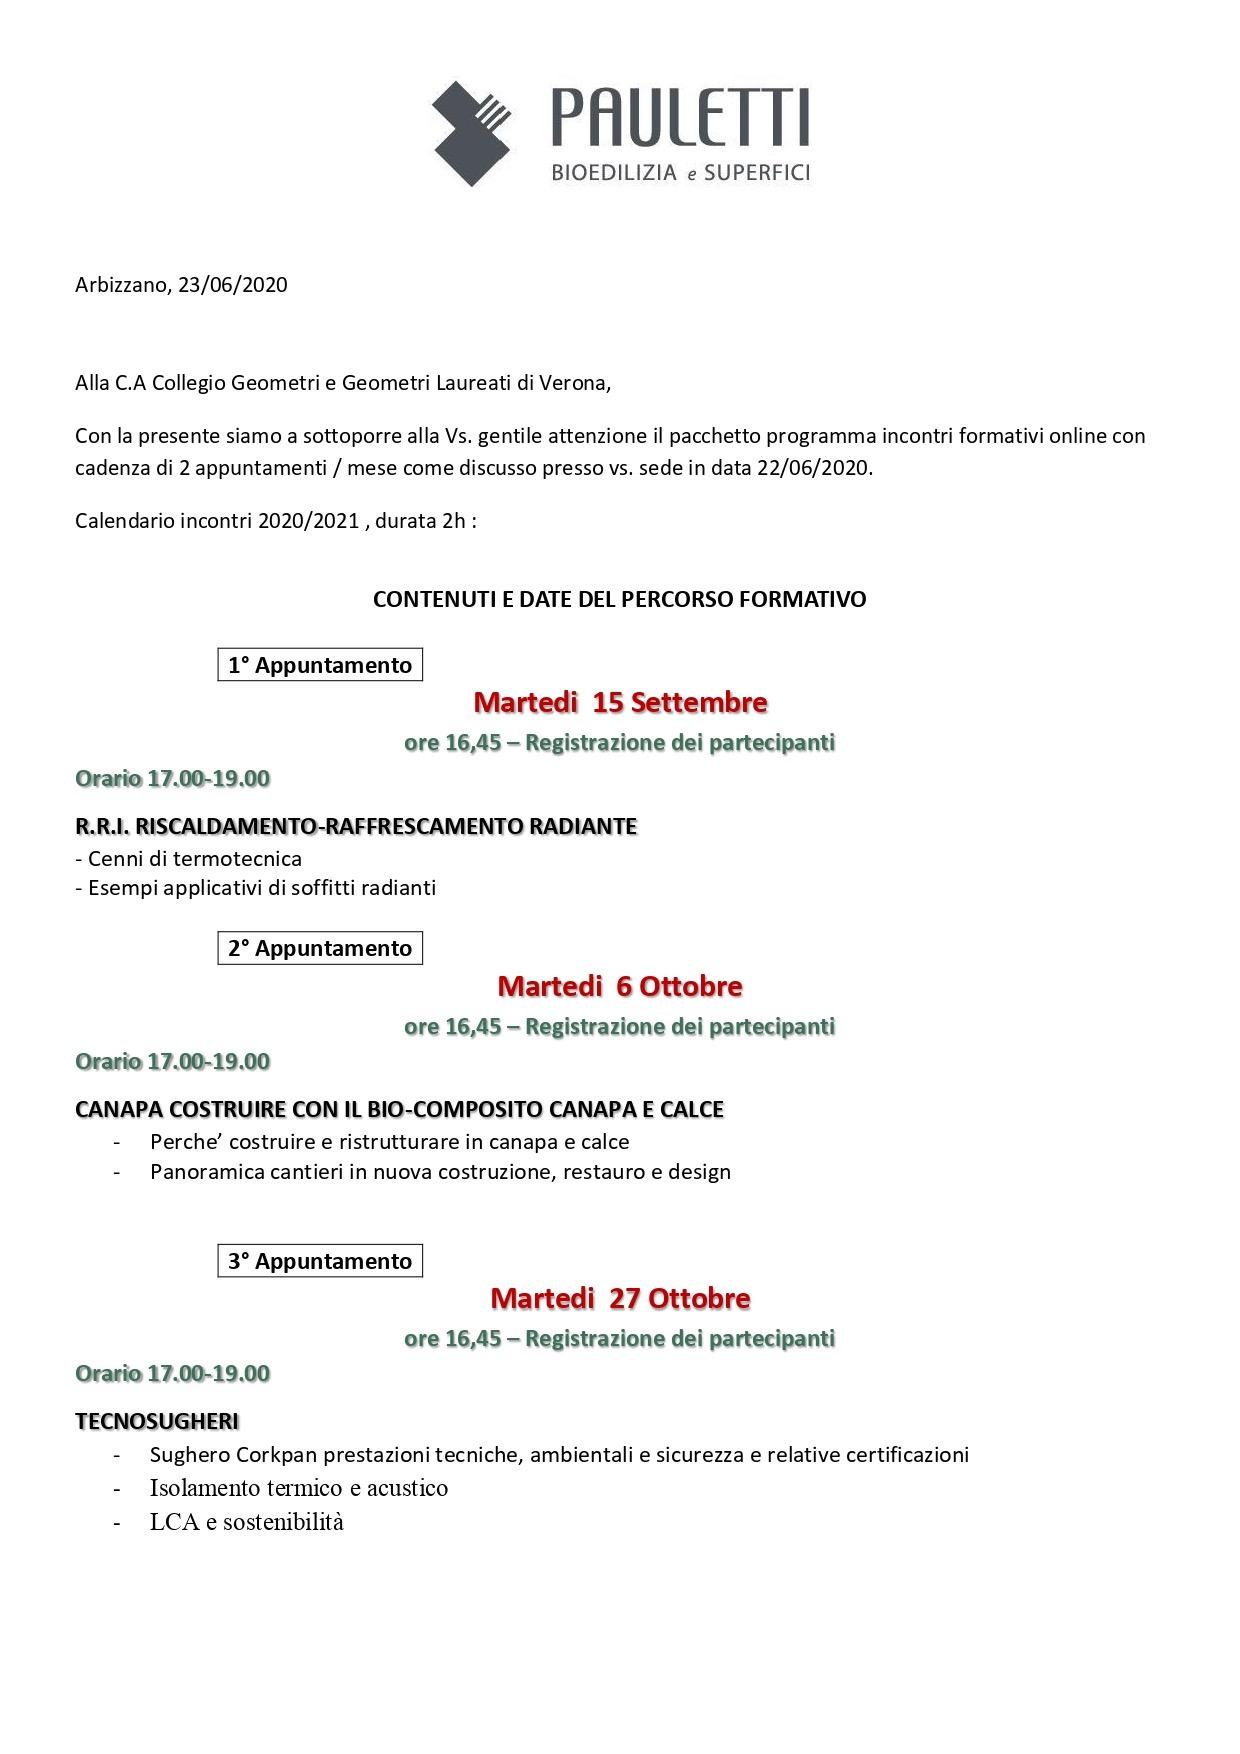 EVENTI PAULETTI - GEOMETRI_page-0001